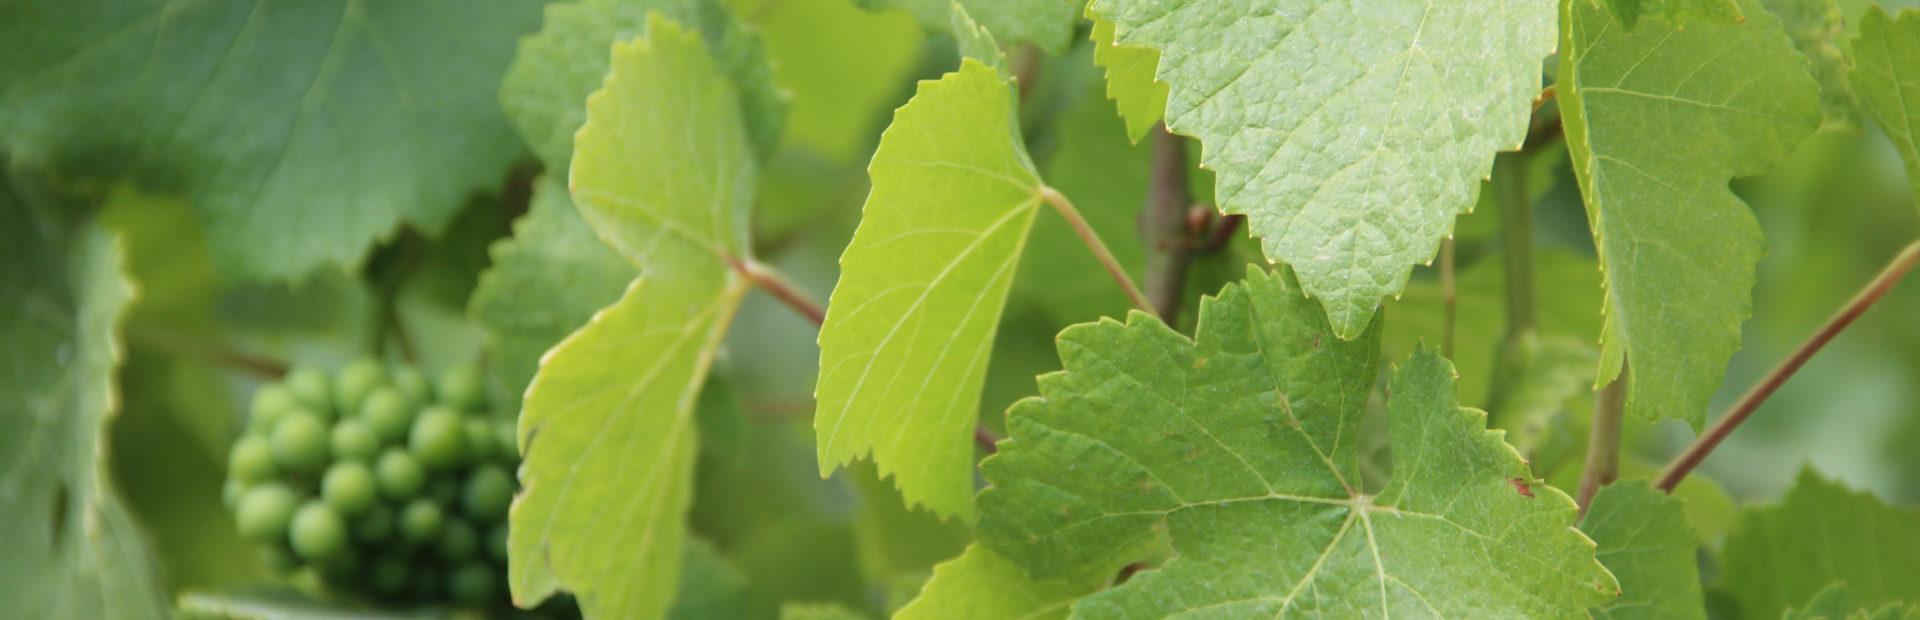 Agronomie et perspectives vinicoles 2020 au menu du 3ème Afterwork